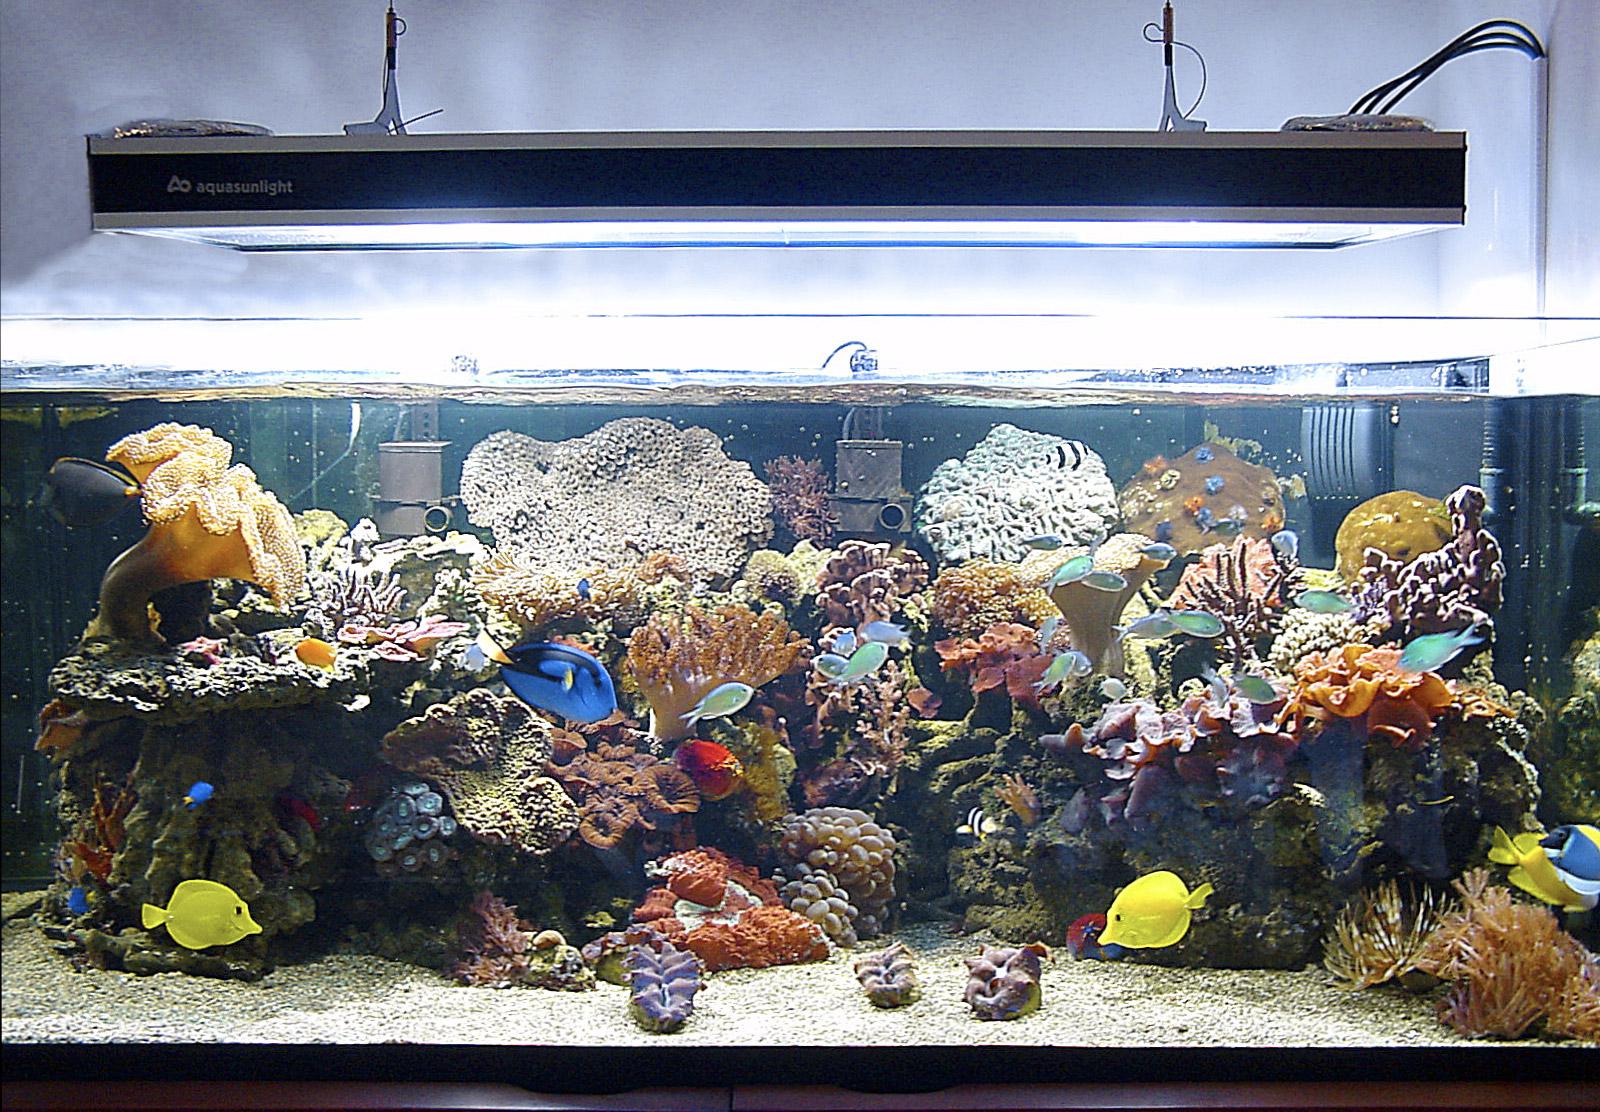 Illuminazione in un acquario marino for Cerco acquario per tartarughe usato